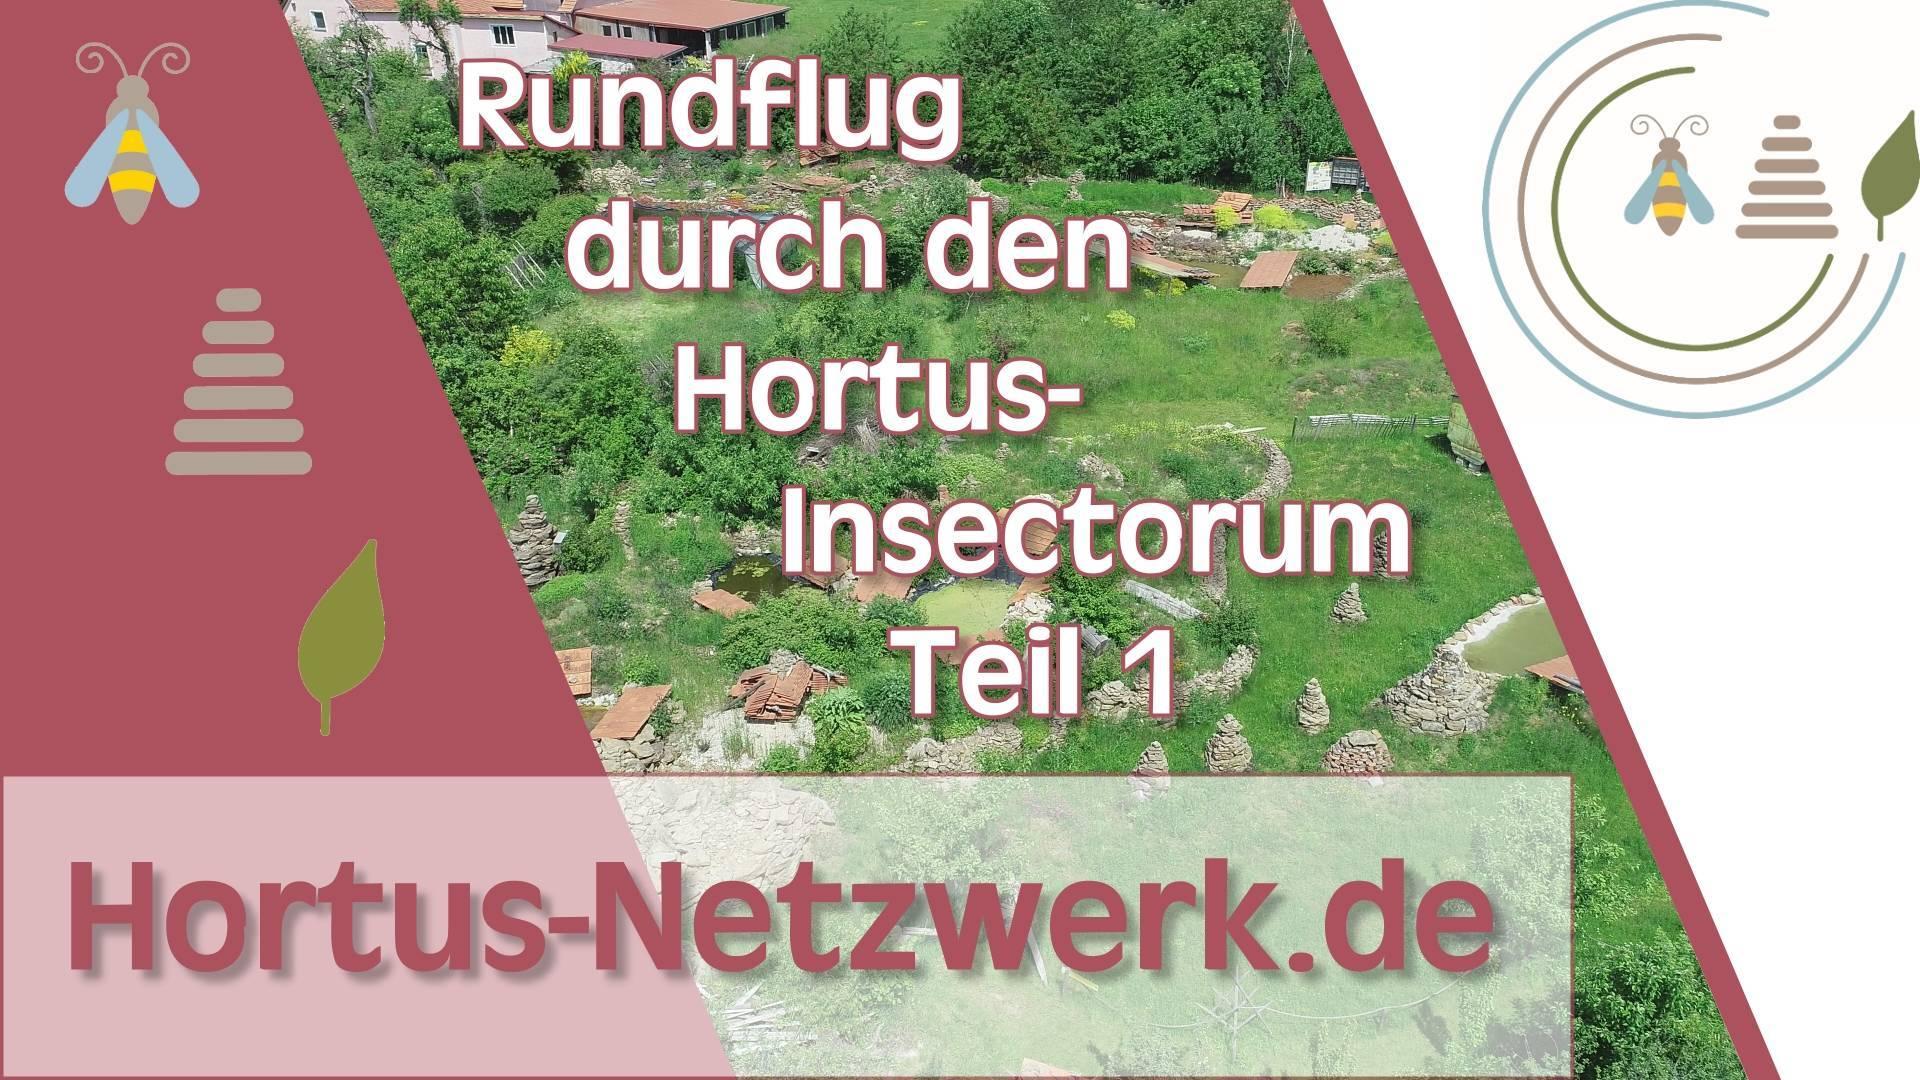 Neues Video auf YouTube Online – Rundflug über den Hortus-Insectorum Teil 1